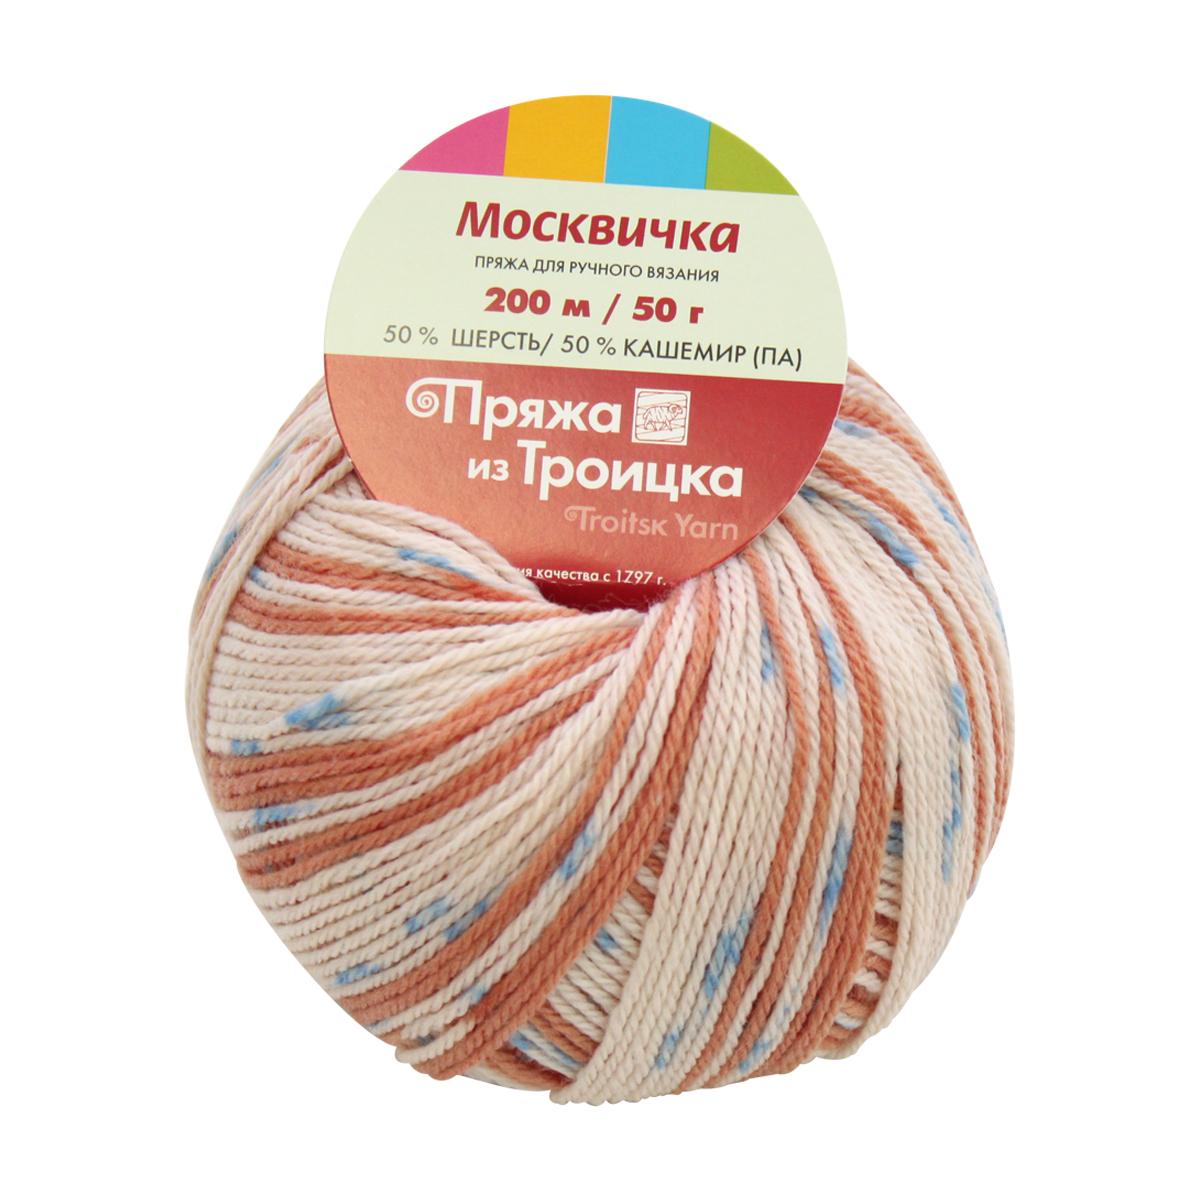 Пряжа для вязания Москвичка, 50 г, 200 м, цвет: 7101 принт, 10 шт366081_7101